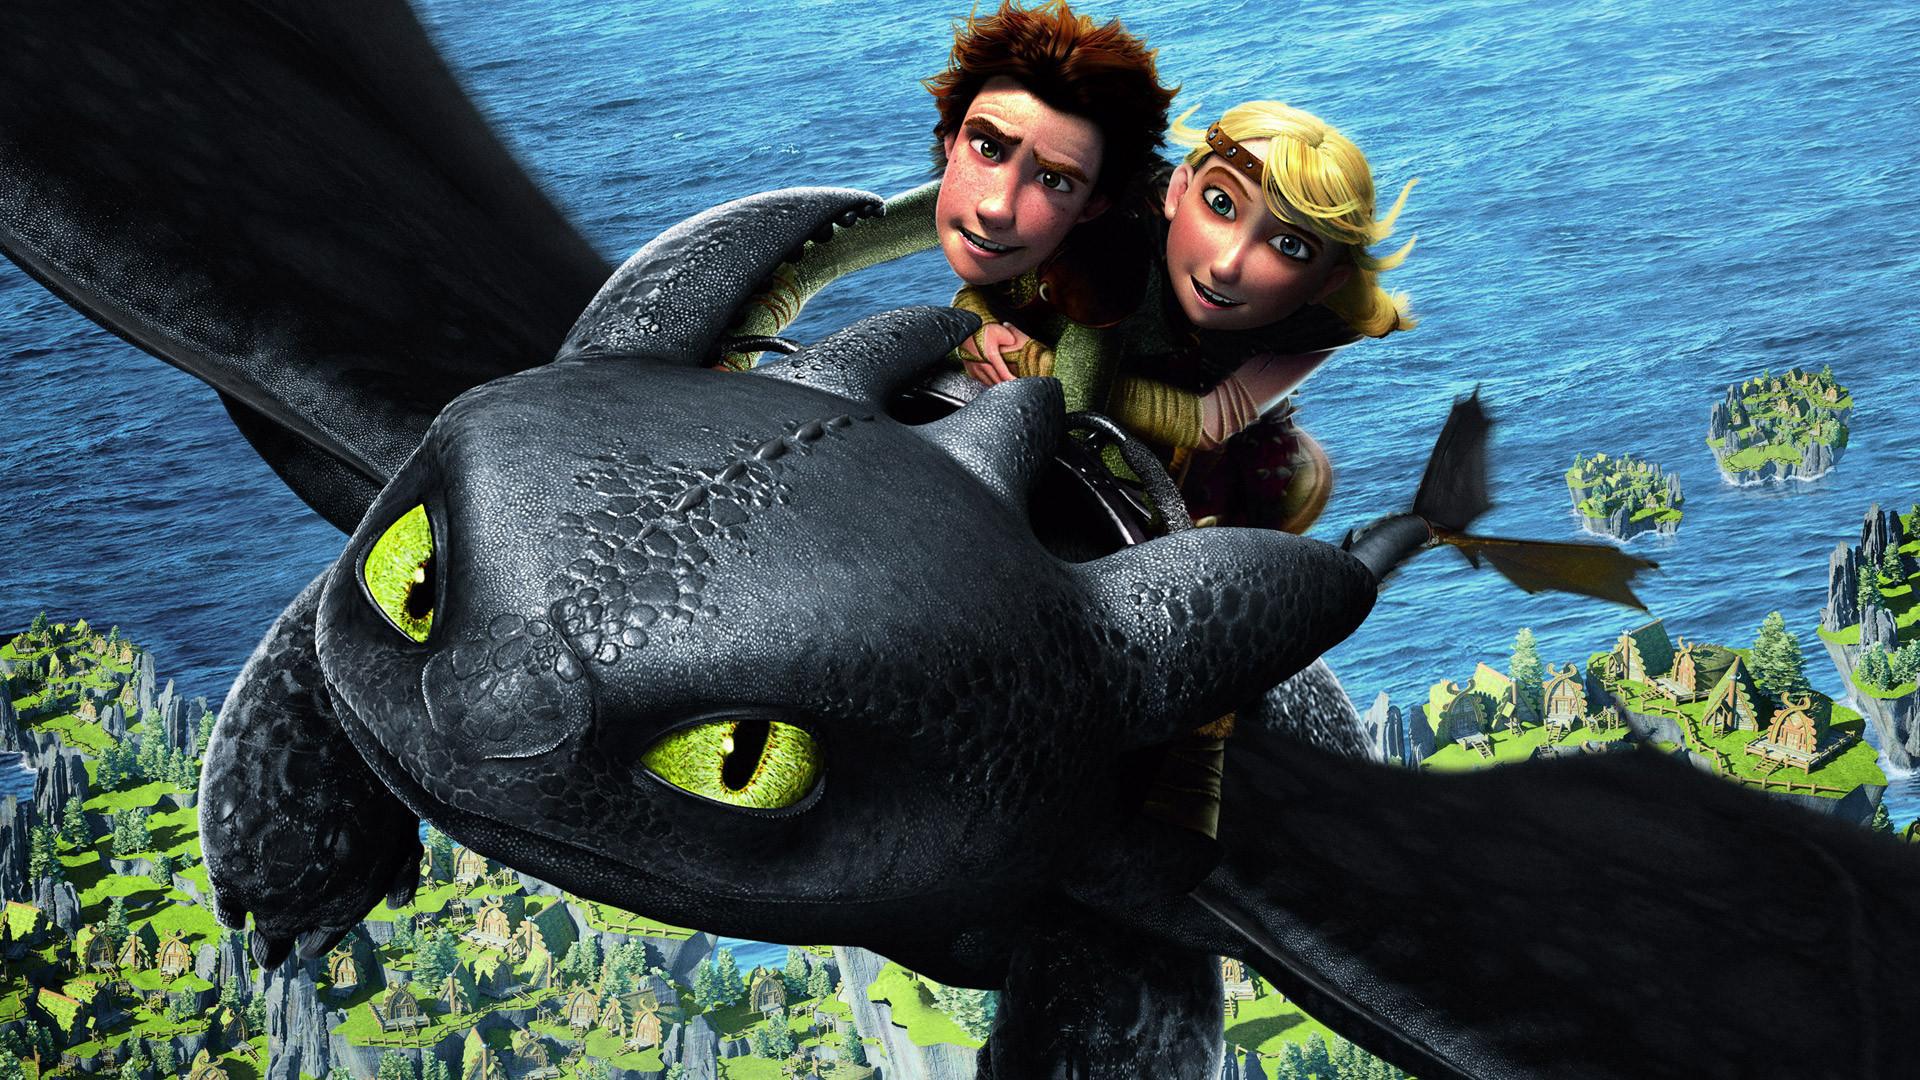 как приручить дракона, мультфильм, обои для рабочего стола, скачать